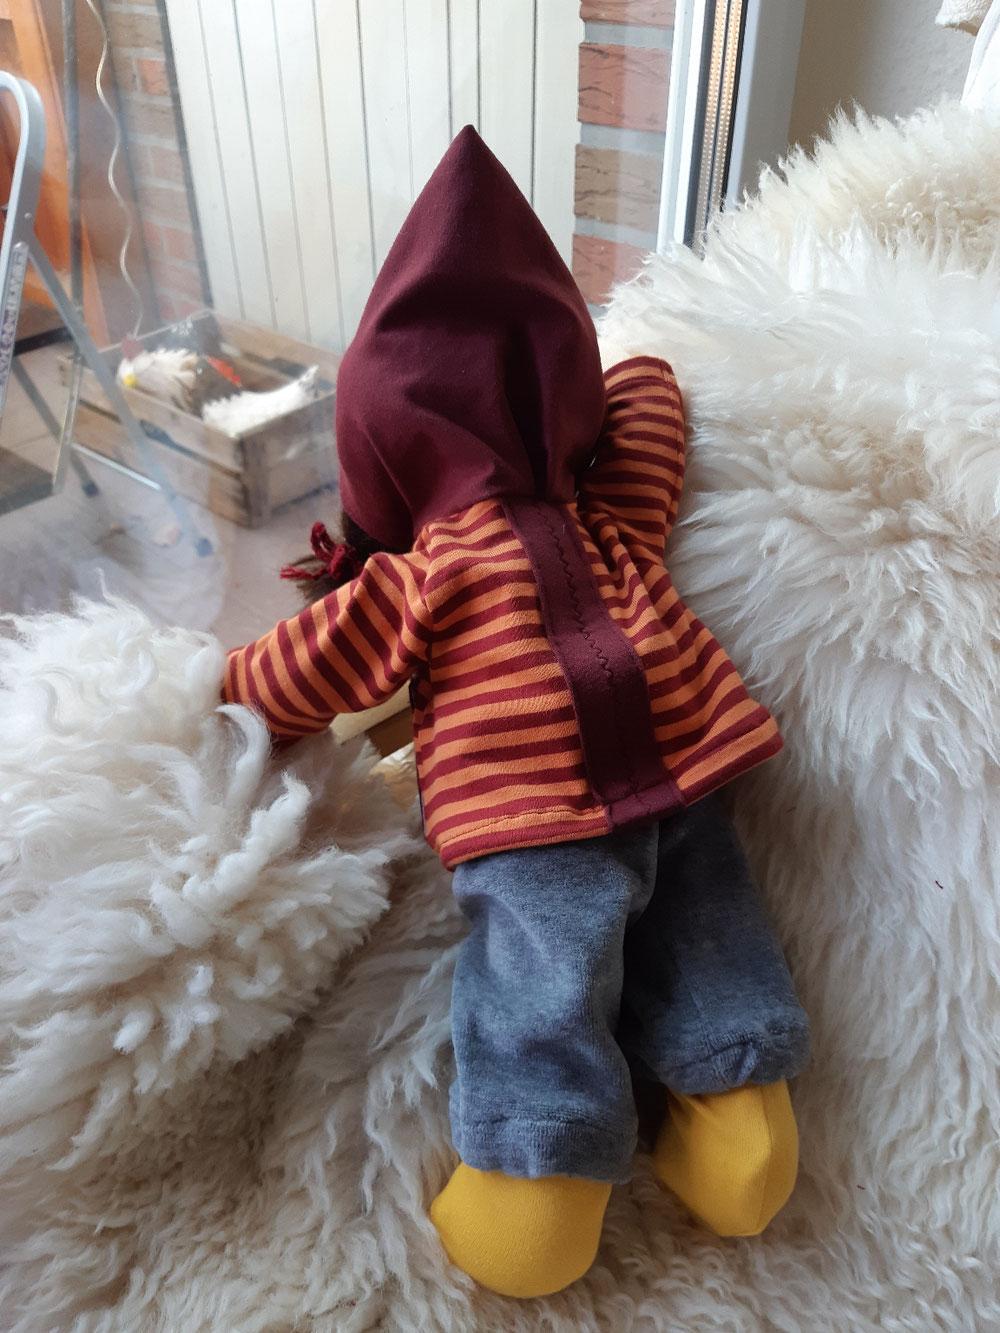 Bio-Stoffpuppe, individuelle Puppe passend zum Kind, Waldorfart, inneres Kind heilen, innere Kind Puppe, Wunschpuppe, ökologische Kinderpuppe, bio-fair, ökofairliebt, Selbstakzeptanz bei Kindern stärken, Naturmaterial, Puppenhandwerk, handgemacht